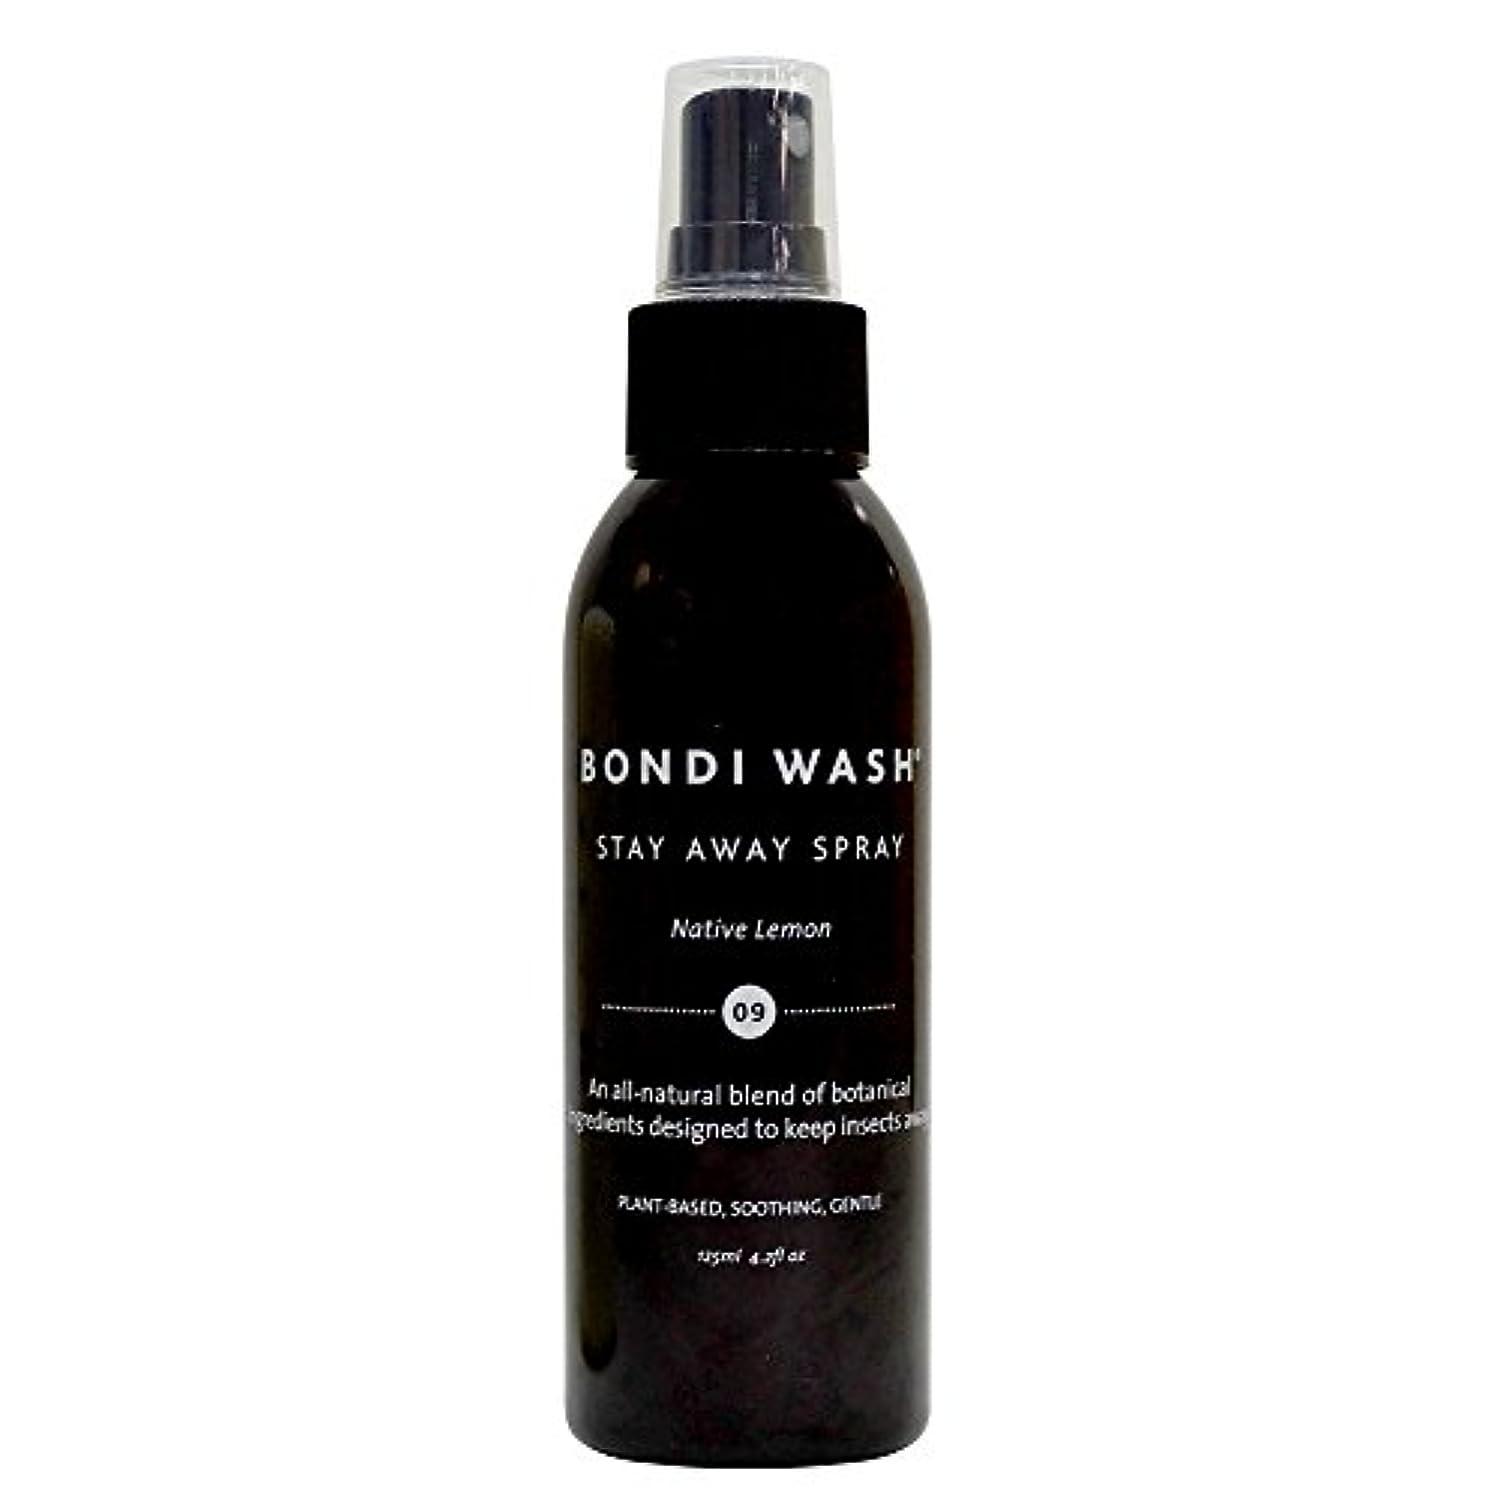 シャワー悪意のある反響するBONDI WASH ステイアウェイスプレー ネイティブレモン 125ml